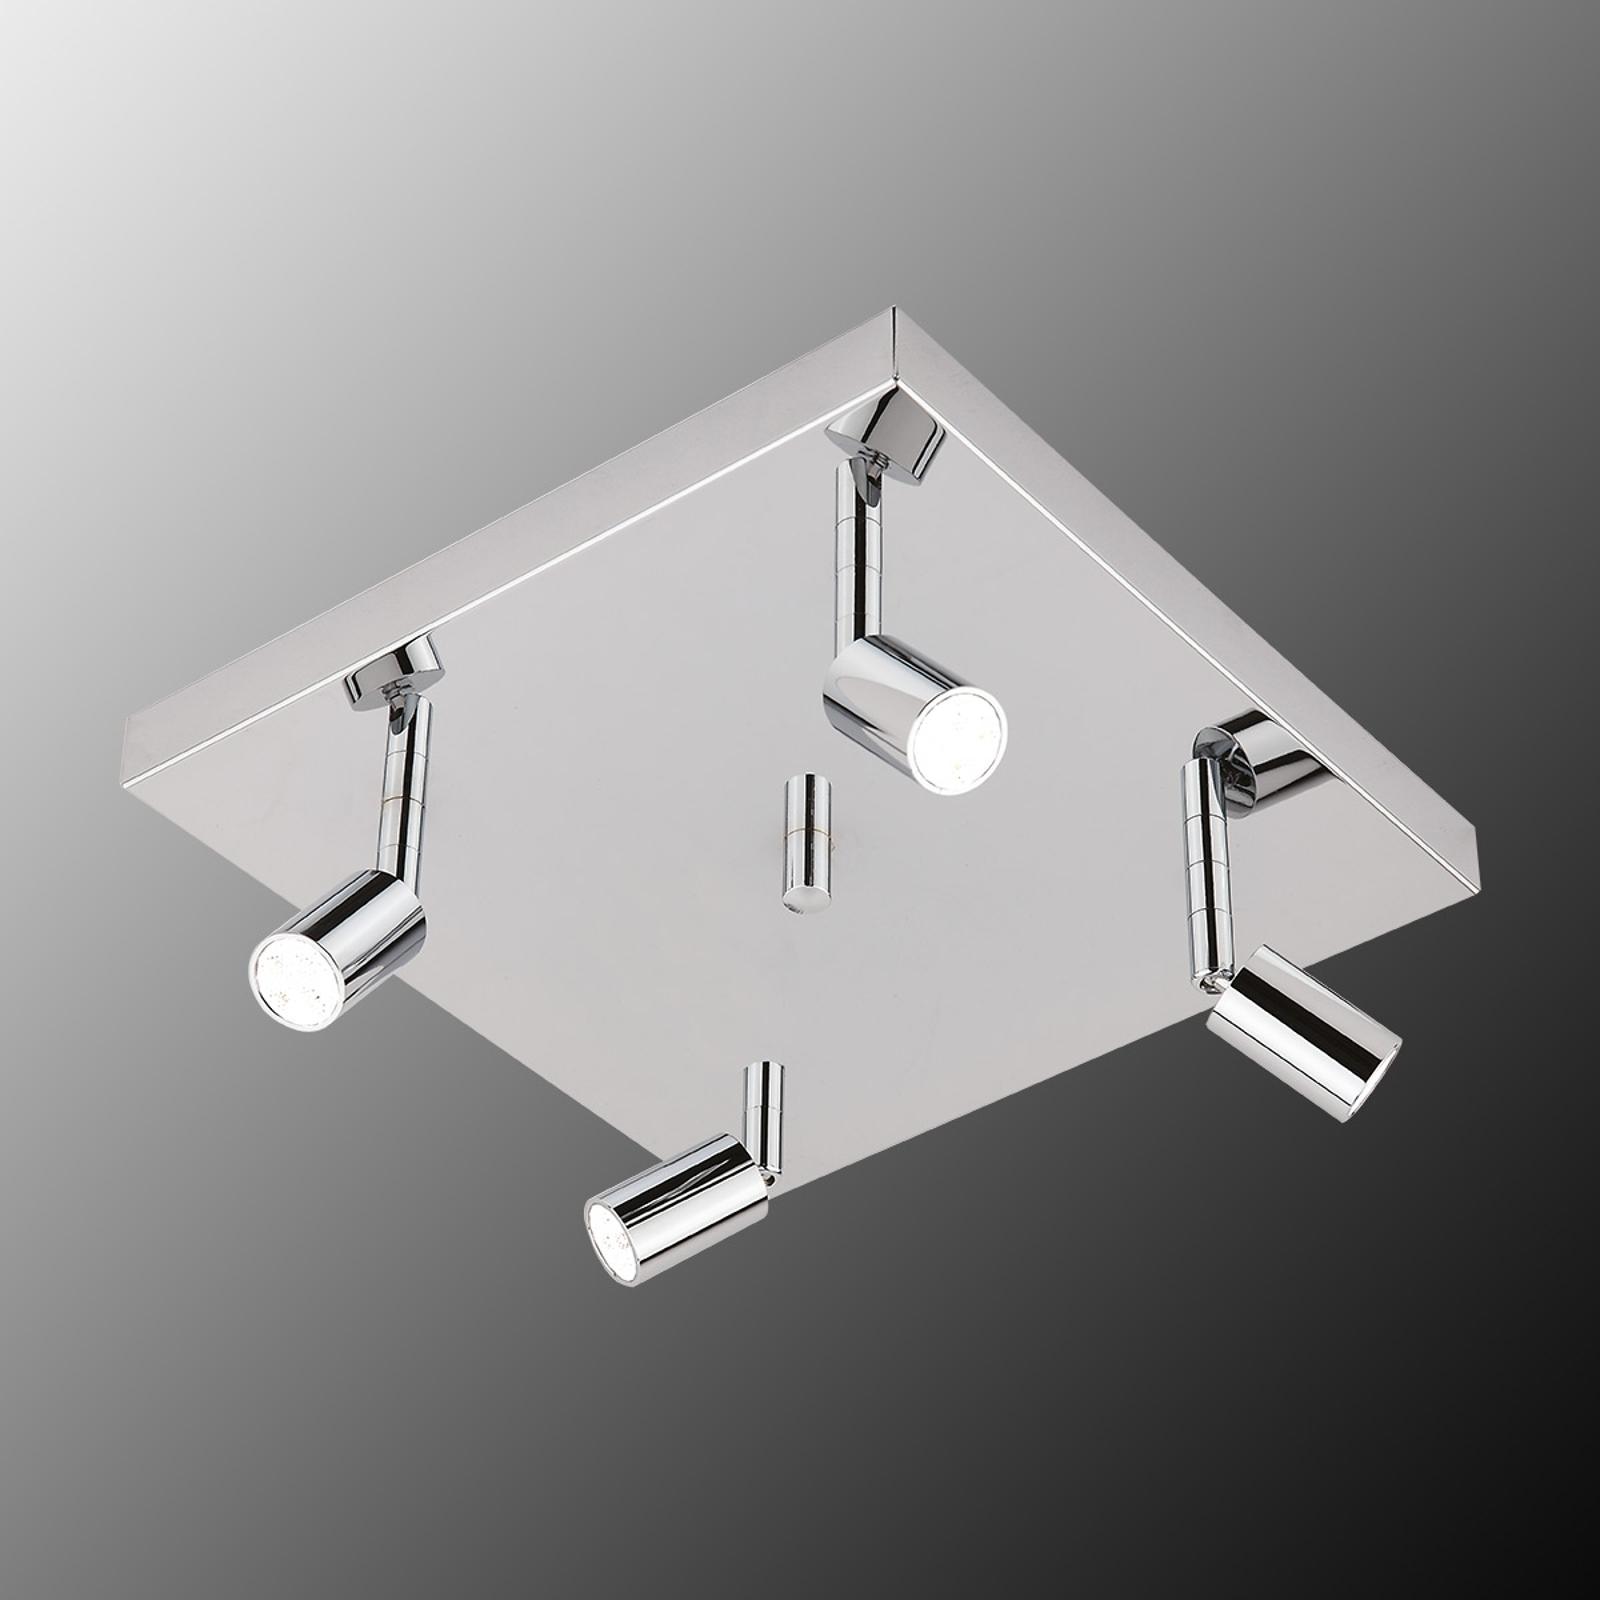 Čtvercové LED stropní svítidlo Karen 4zdrojové